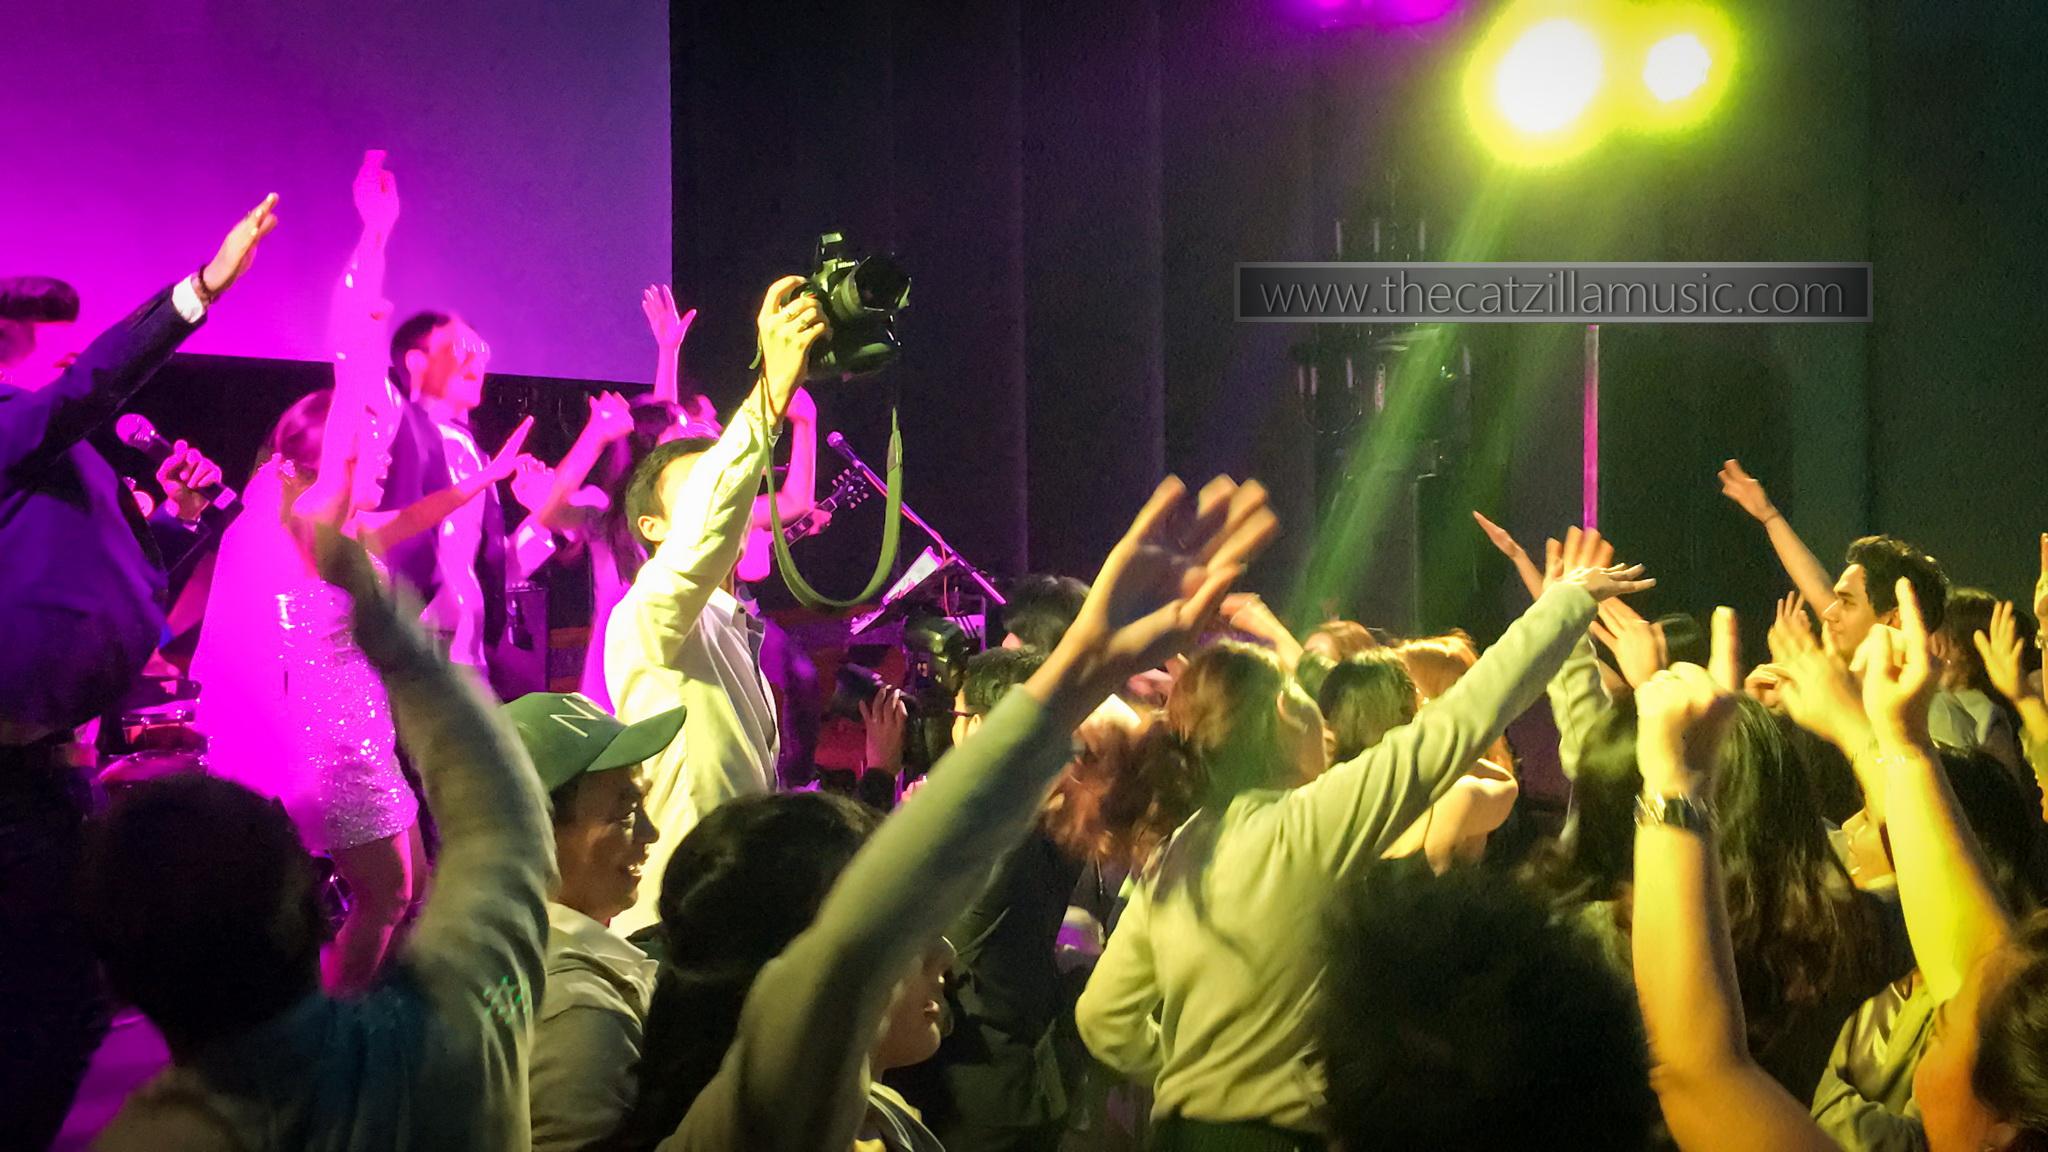 วงดนตรีงานแต่งงาน after party-บุ๋นแบนด์-Catzilla-วงดนตรีงานแต่ง ราคา-แนะนำวงดนตรีงานแต่ง-วงดนตรีงานแต่งงาน after party มันๆ-ปาร์ตี้-วงดนตรี after party ราคา-ราคาวงดนตรีงานแต่ง